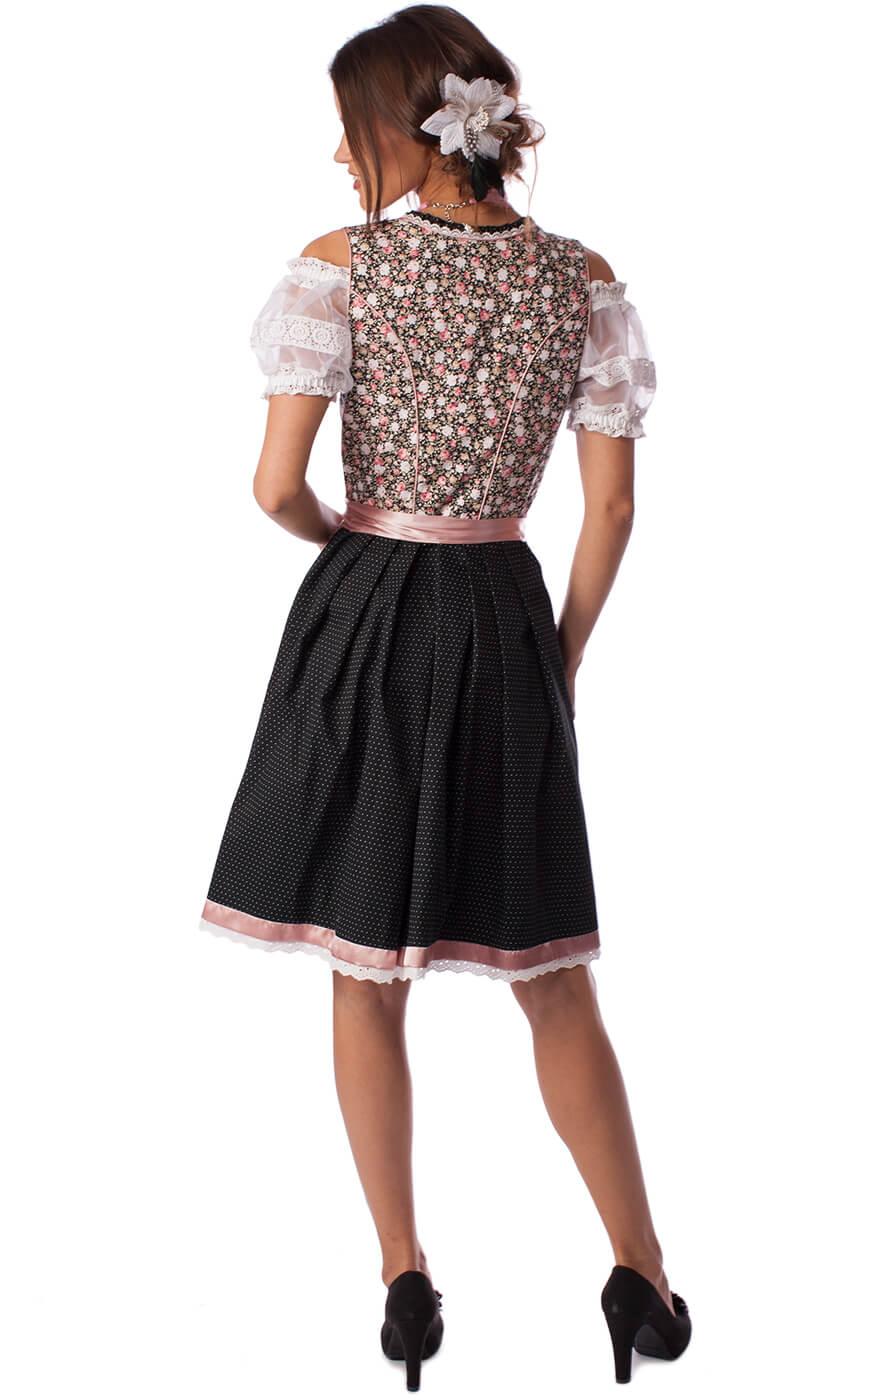 weitere Bilder von Midi Dirndl 2pcs. 43476-433 schwarz rose 60cm